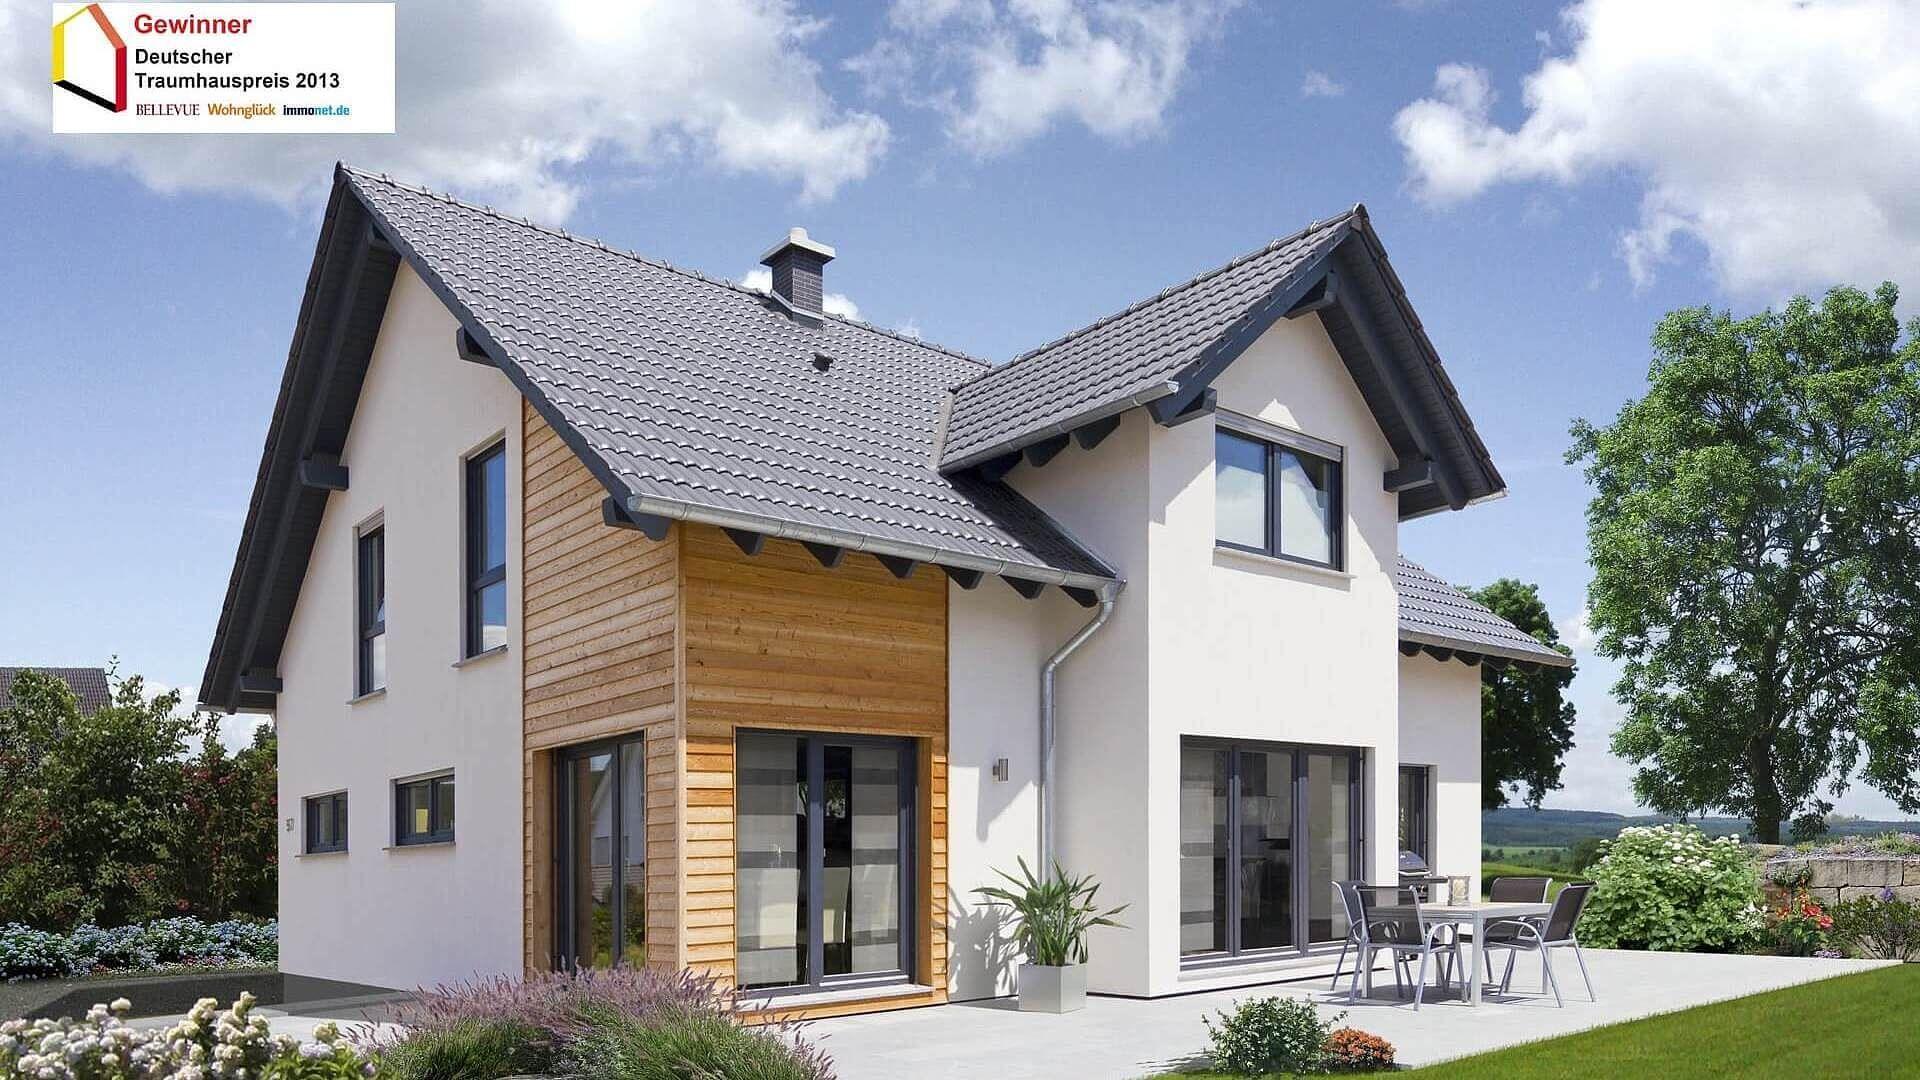 Fingerhut Einfamilienhaus schwarzes Satteldach weiß